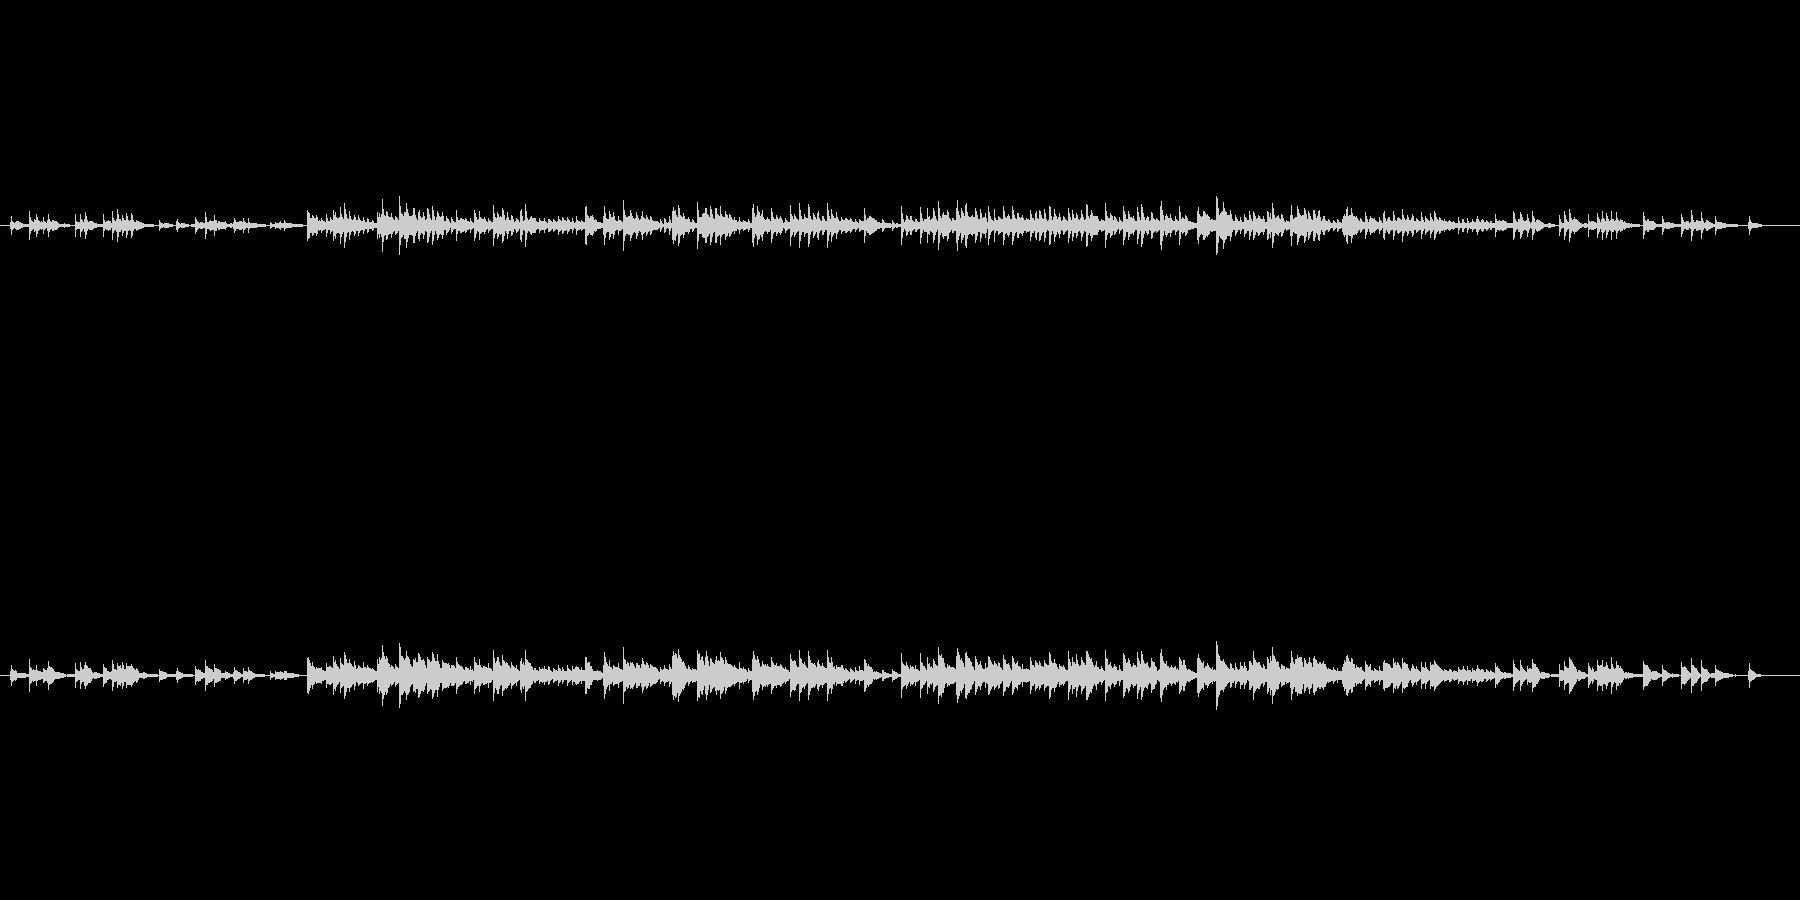 やさしいオルゴールの響きの未再生の波形